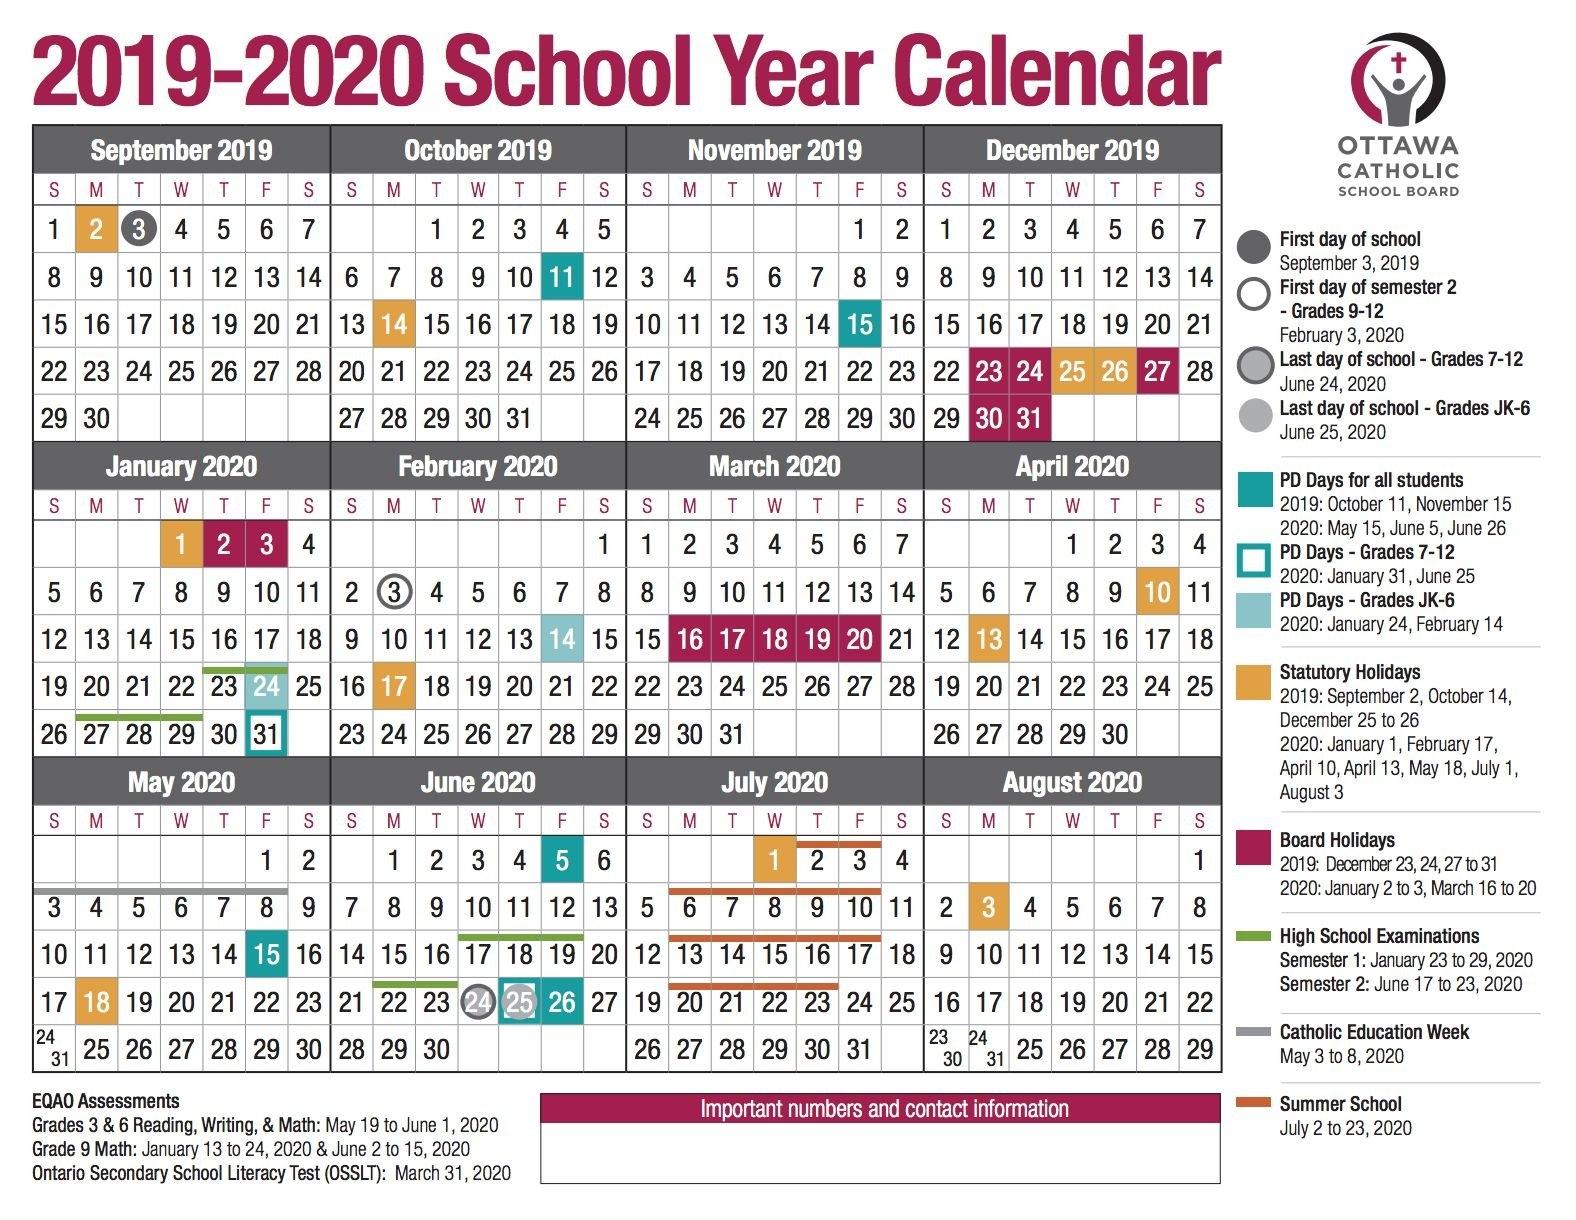 Julian Calendar 2021 With Week Numbers | Free Printable Calendar pertaining to 2021 Julian Date Calendar